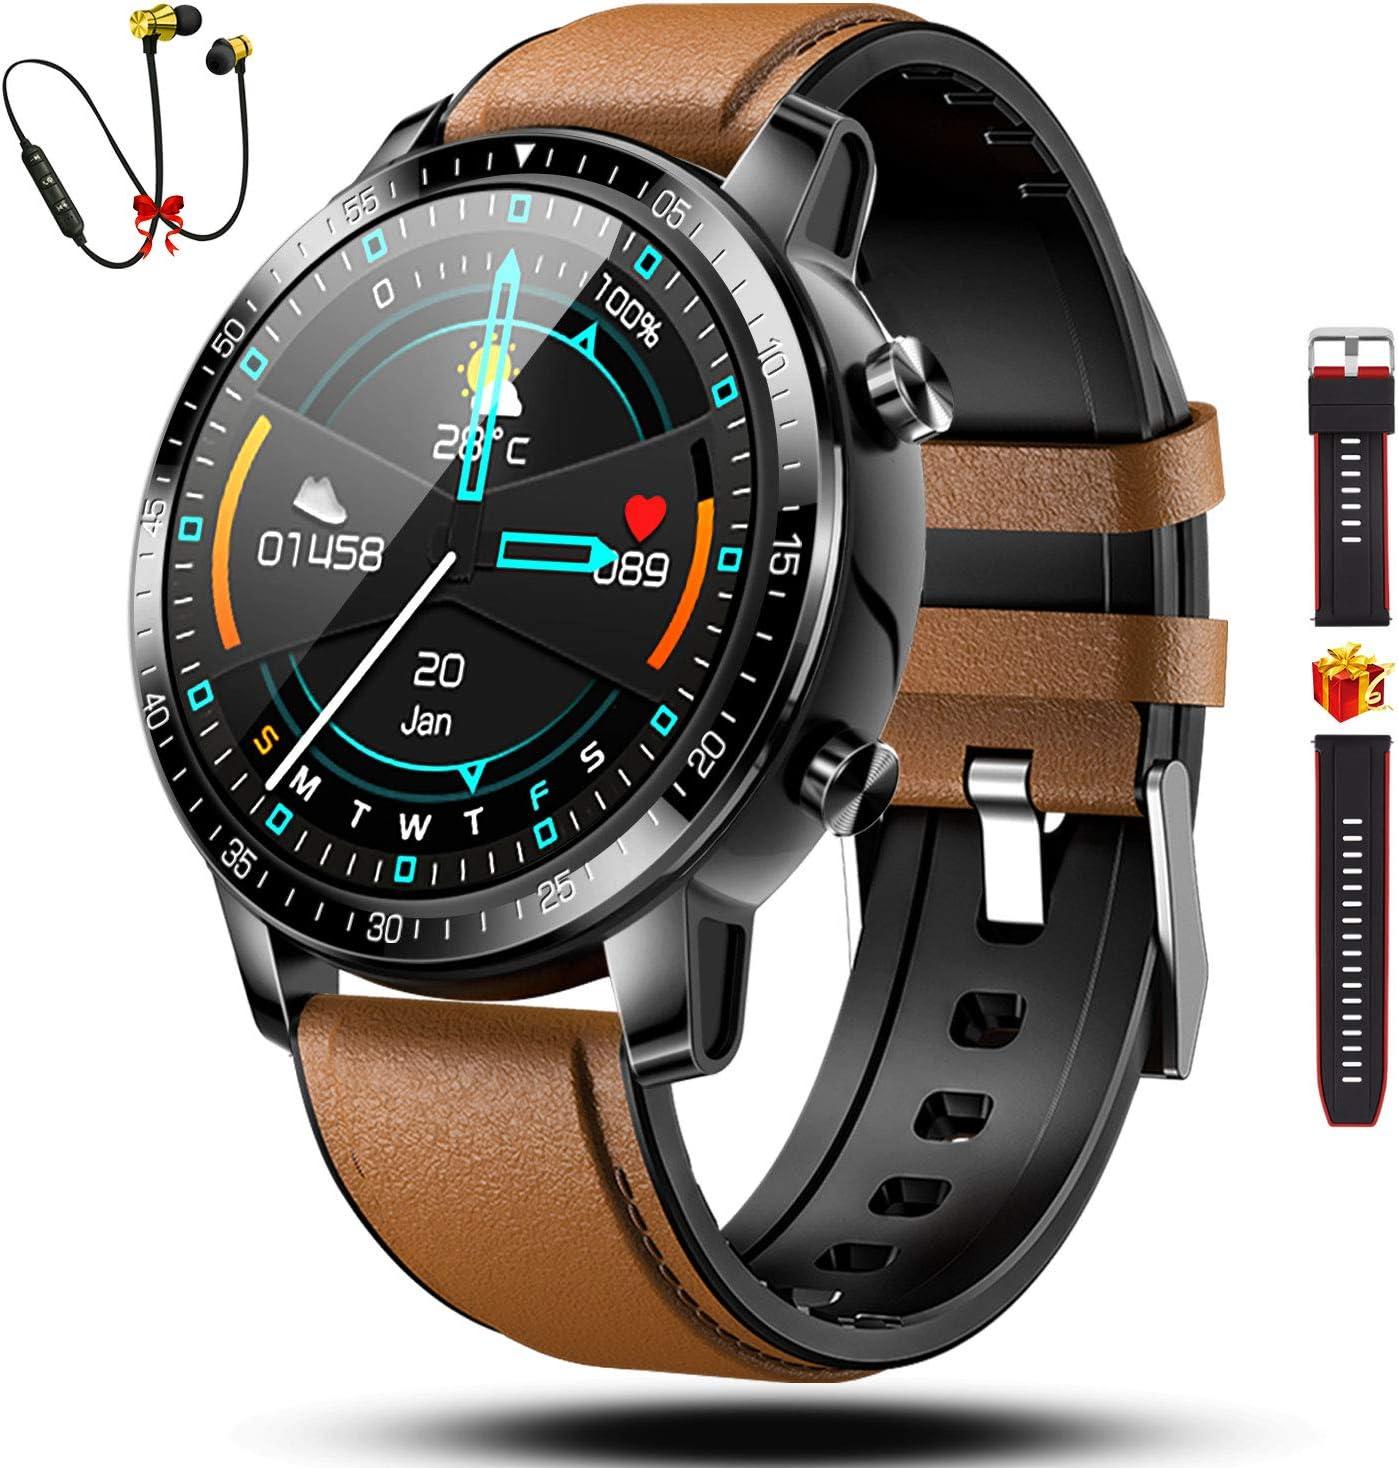 Smartwatch Reloj Inteligente Hombre Mujer Niños Monitor Pulso Cardiaco Pulsera Actividad Reloj Inteligente Cardio Podómetro Bluetooth Reloj Deportivo Impermeable Cronómetro para Android iOS(Marrón)